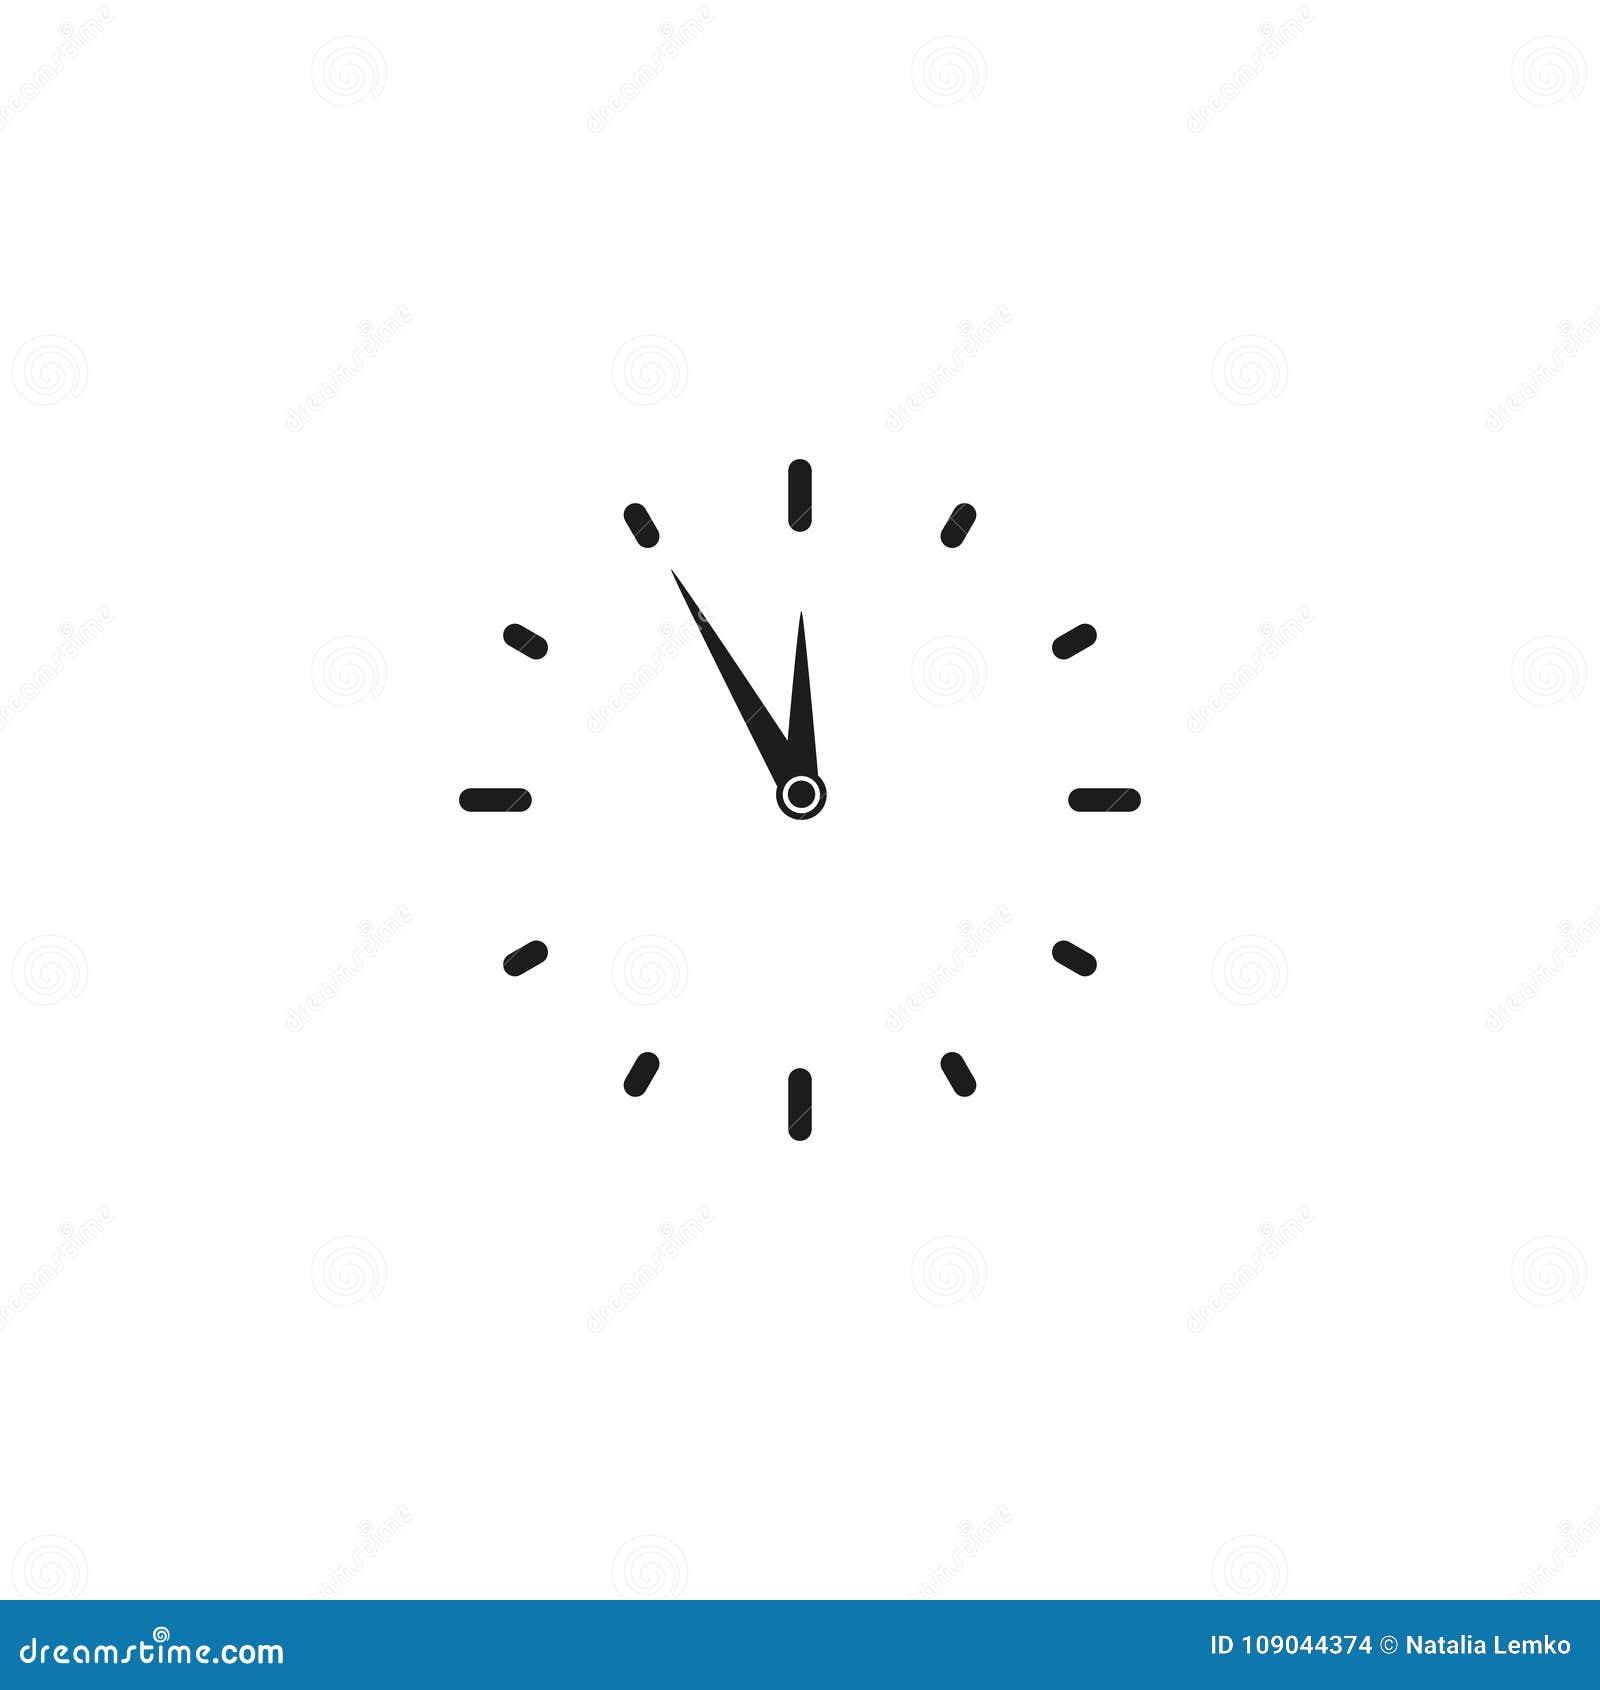 Del Vector De Trabajo Tiempo Reloj Icono Ilustración sBtxrChQdo